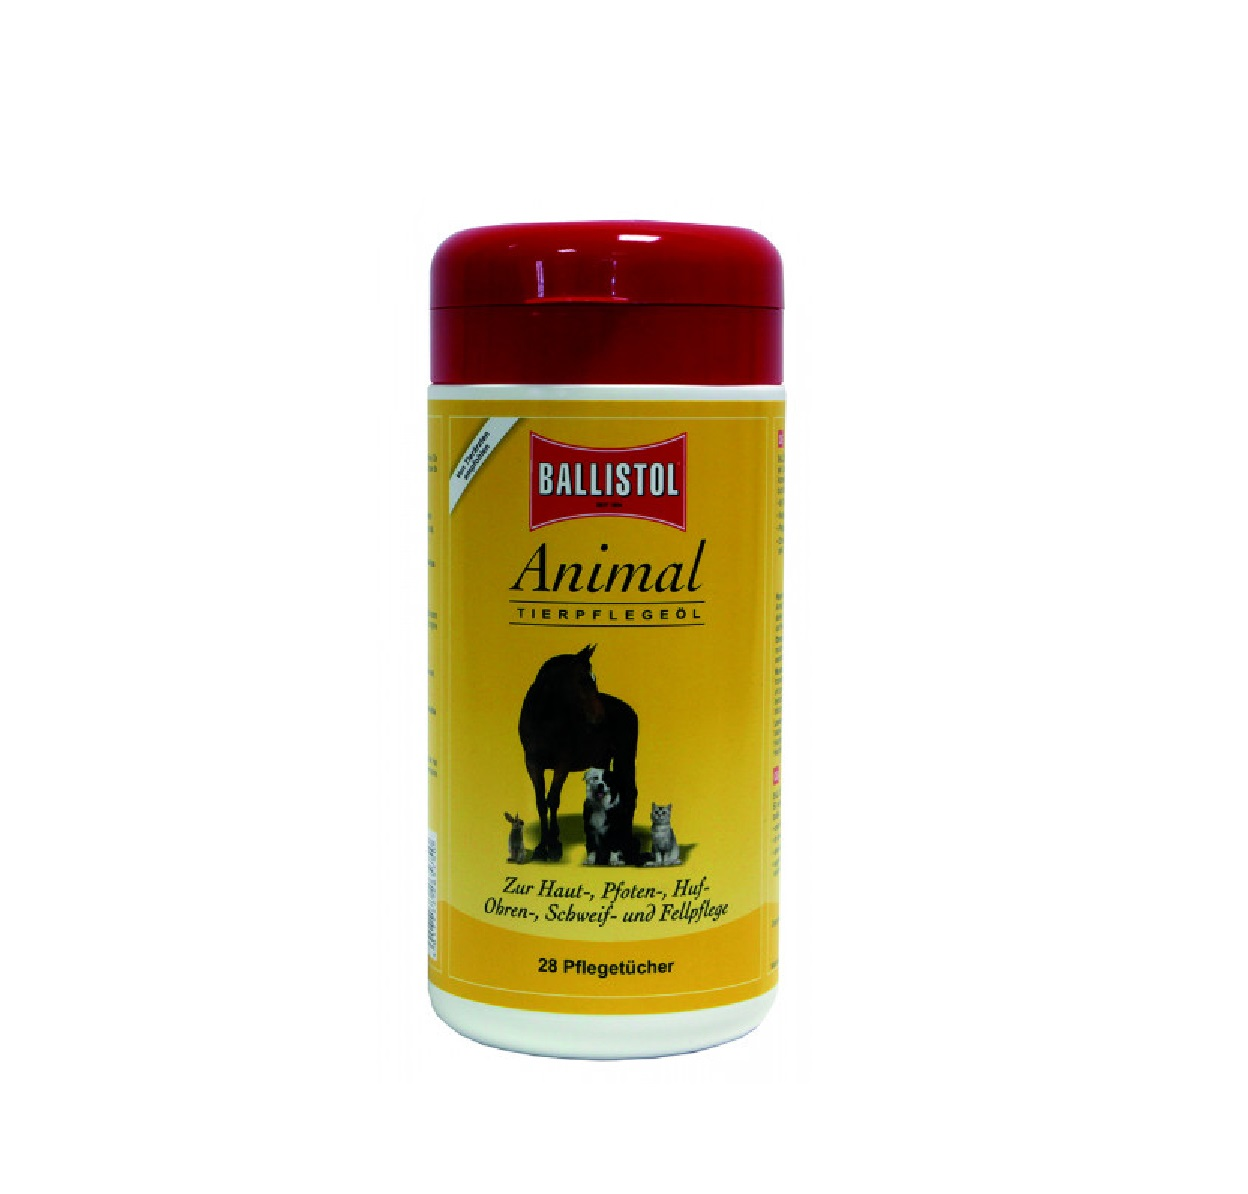 BALLISTOL Animal * Tierpflege-Öl-Pflegetücher - Qualität von BALLISTOL